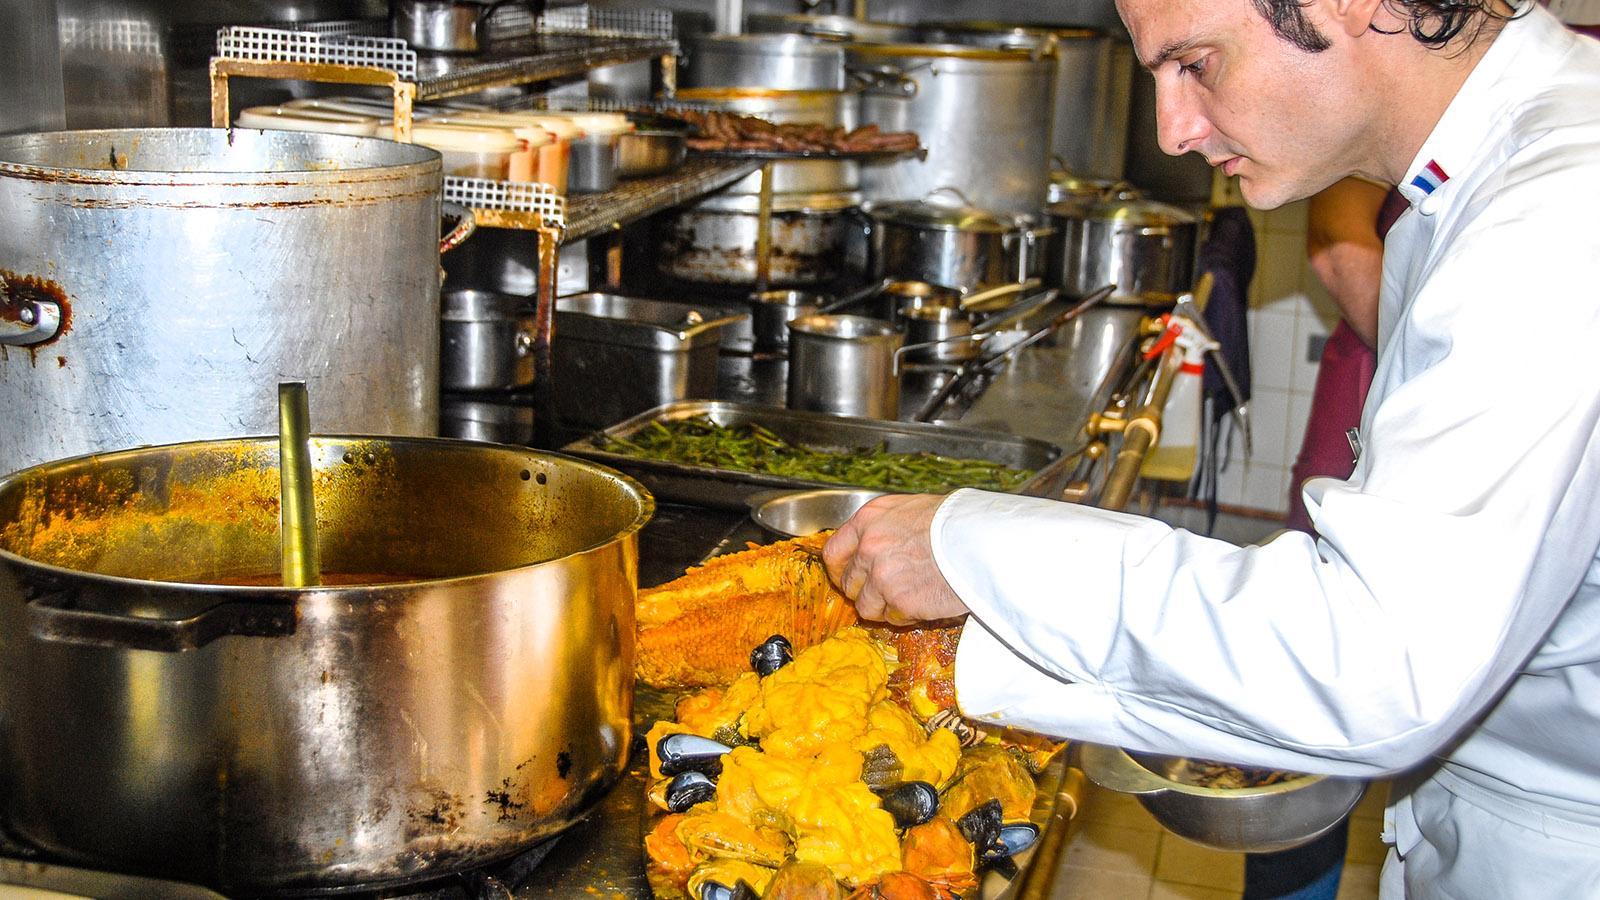 Christian Buffa vom Restaurant Miramar im Vieux-Port von Marseille mit Bouillabaisse. Foto: Hilke Maunder